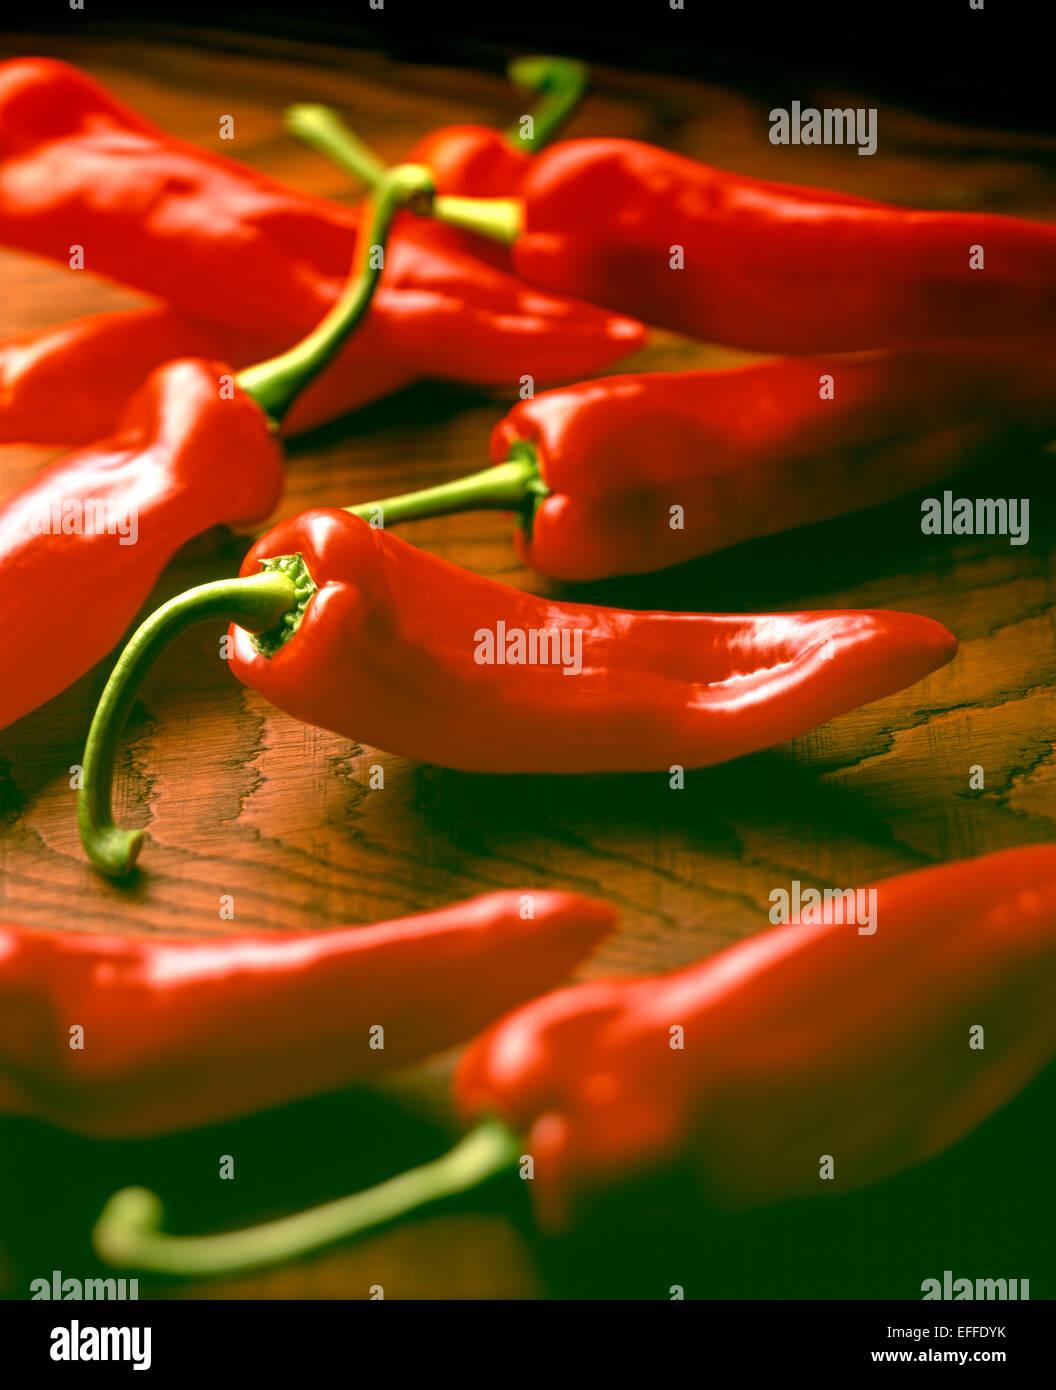 Ramiro i peperoni rosso Immagini Stock